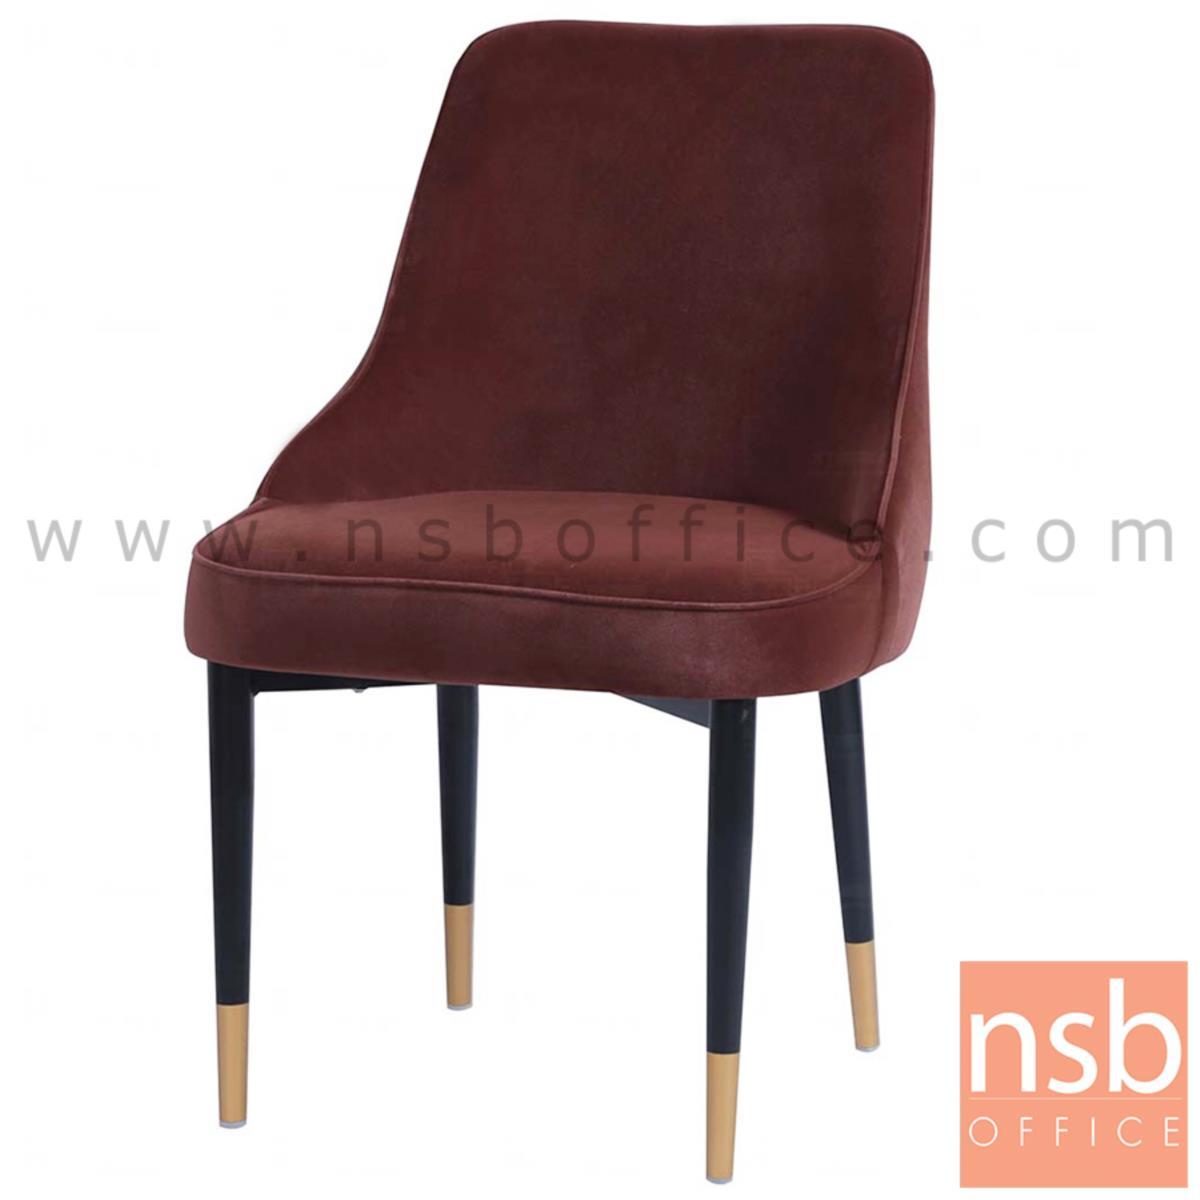 B29A362:เก้าอี้โมเดิร์น  รุ่น Holden (โฮลเดน)  โครงขาเหล็ก เบาะหุ้มผ้ากำมะหยี่